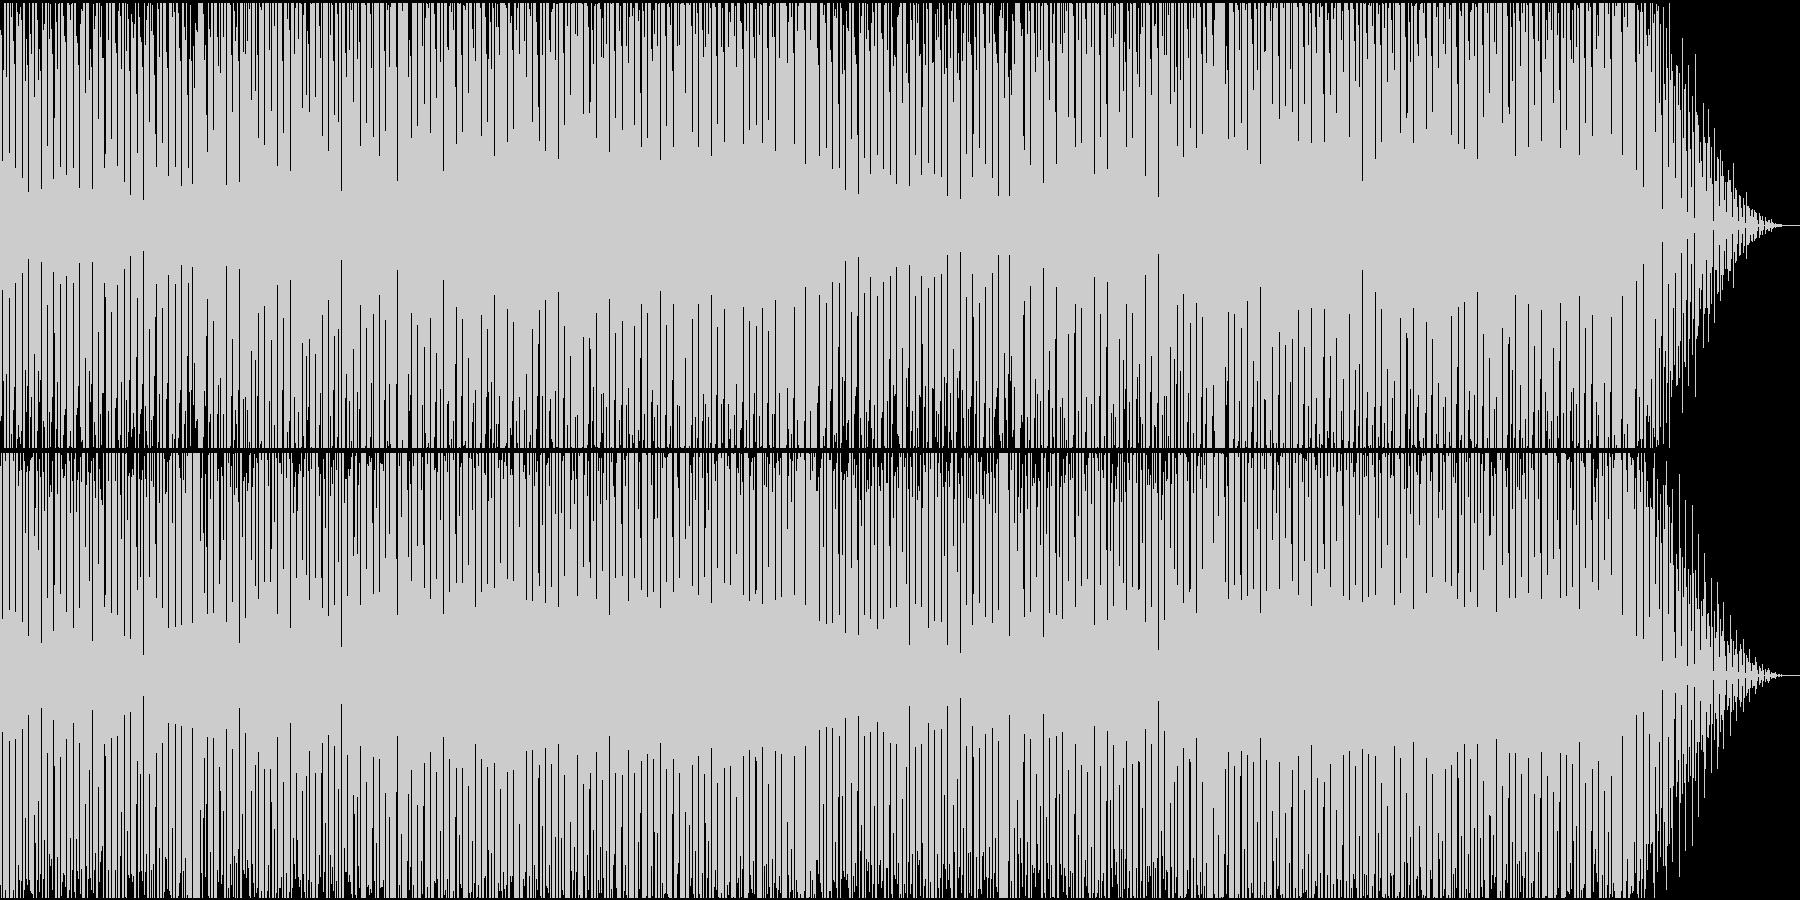 レトロでどこか懐かしいレトロエレクトロの未再生の波形